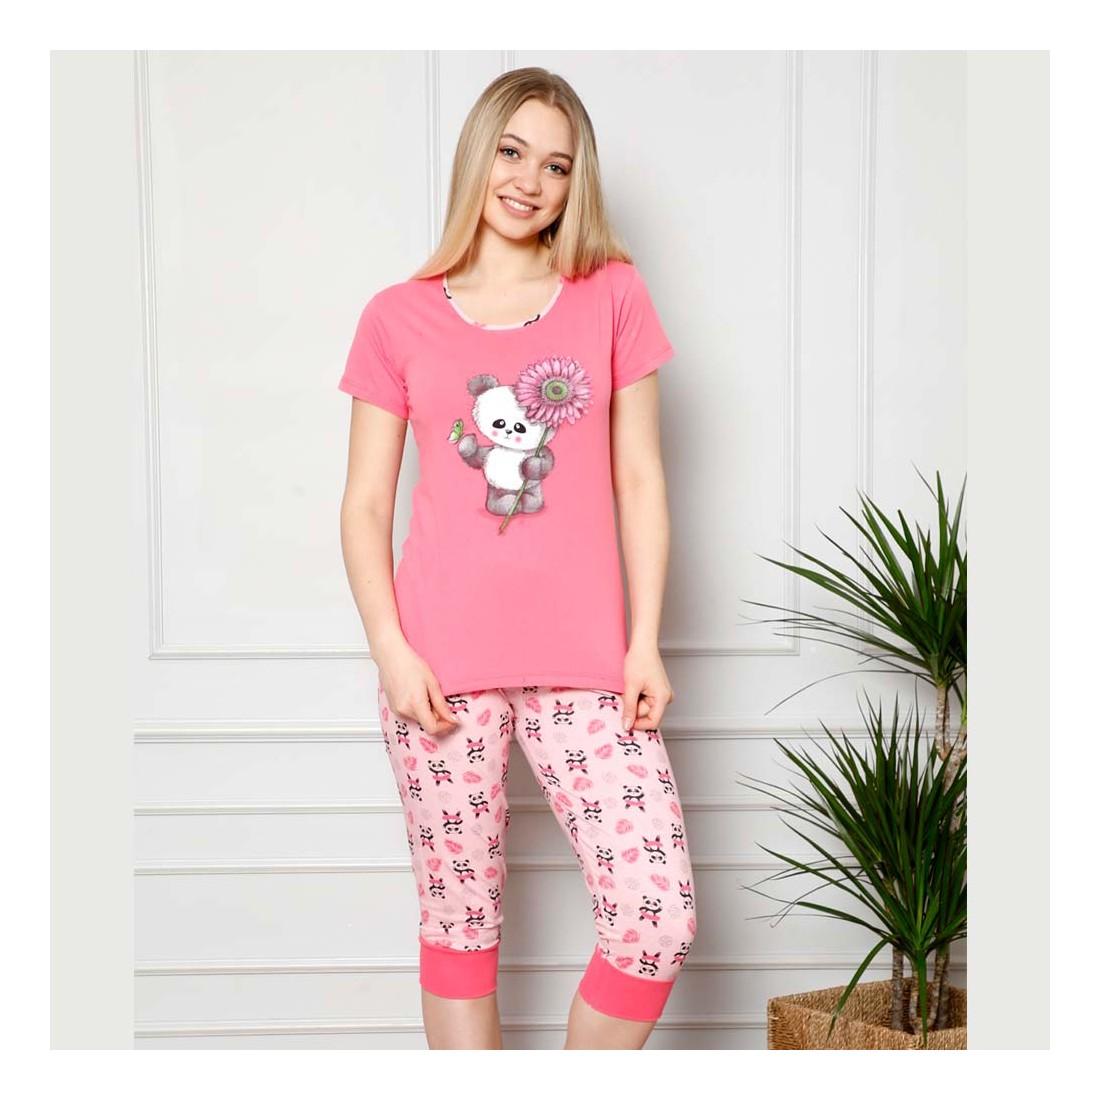 Piżama damska z pandą dwuczęściowa w malinowym kolorze M L XL 2XL